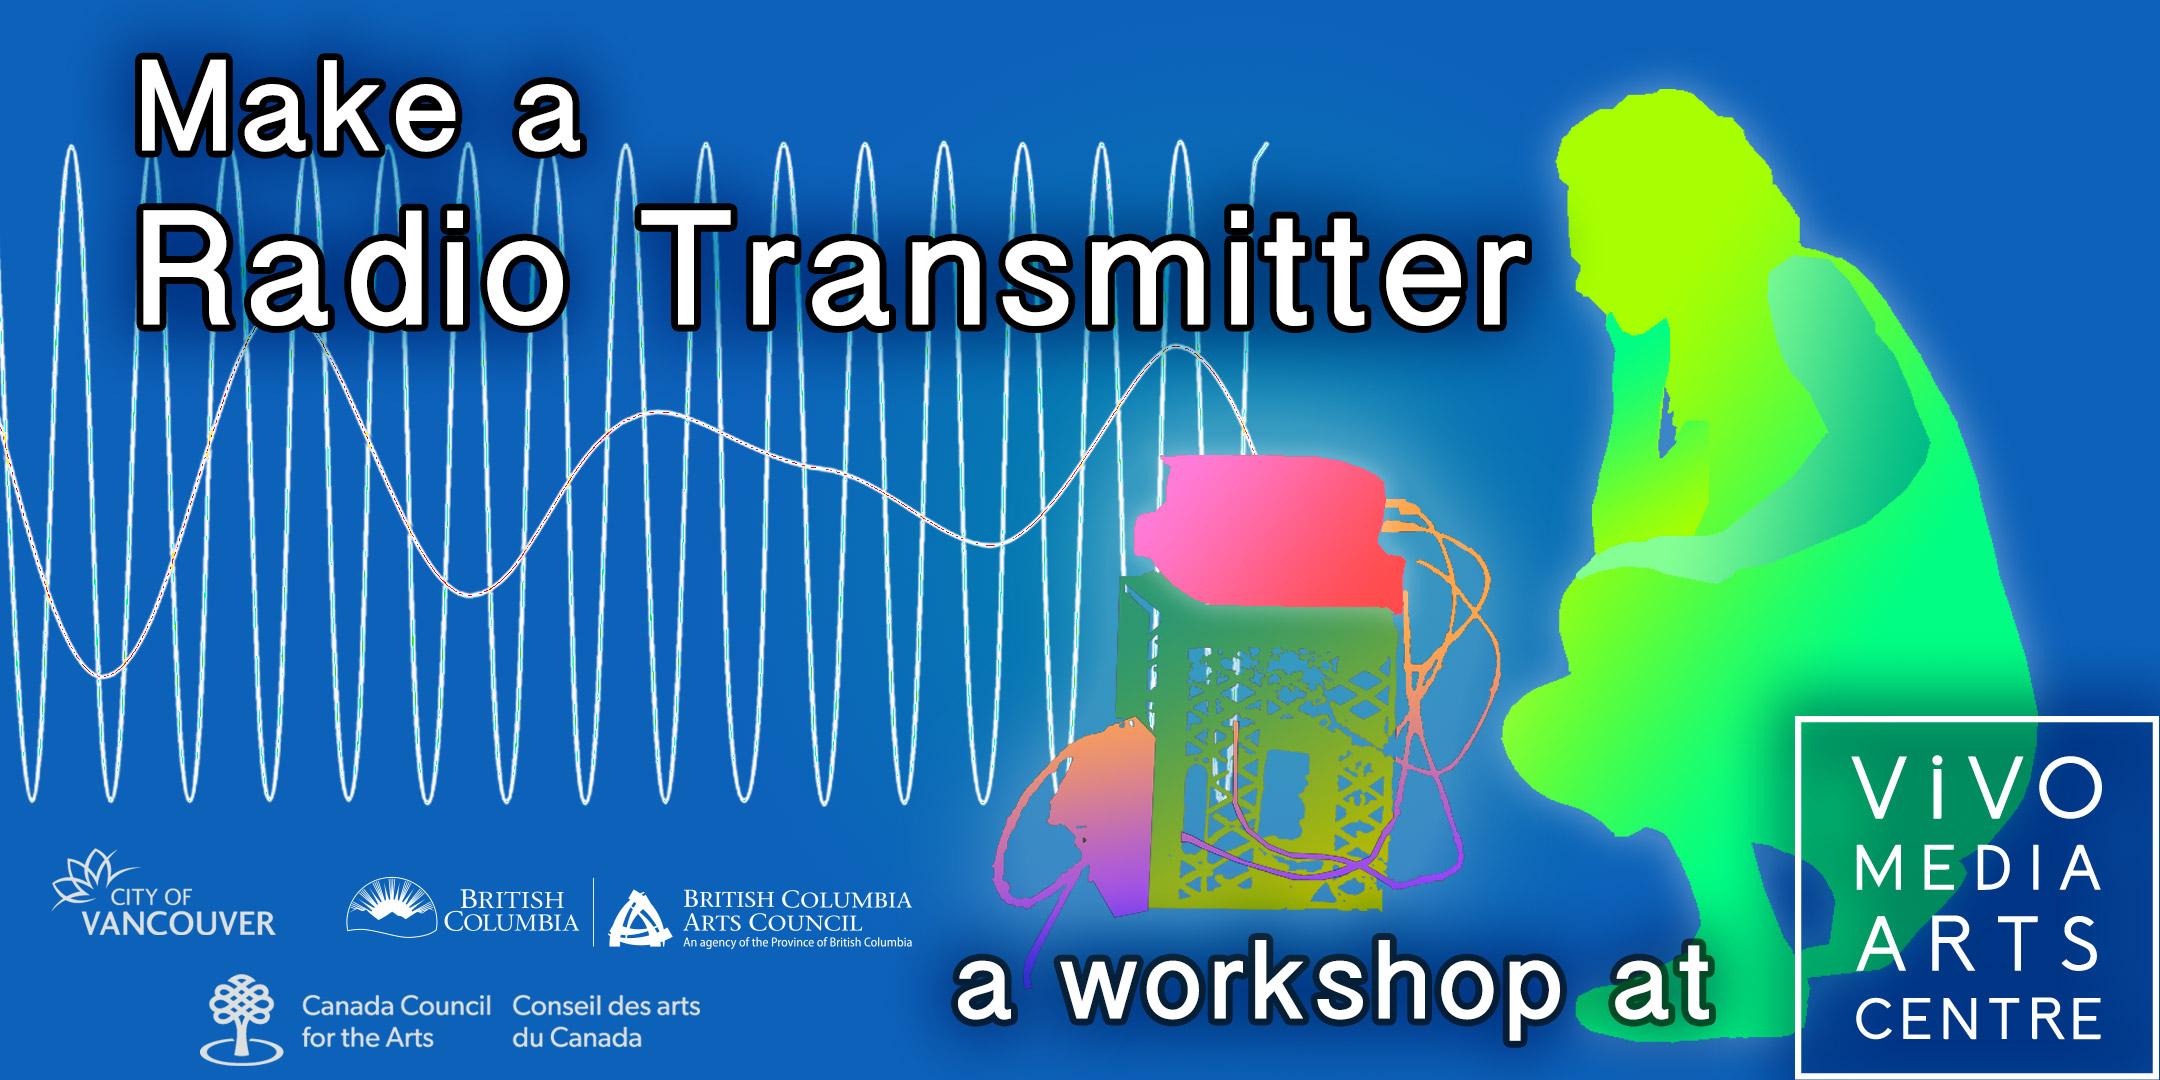 kozinuk-radiotransmitter-banner